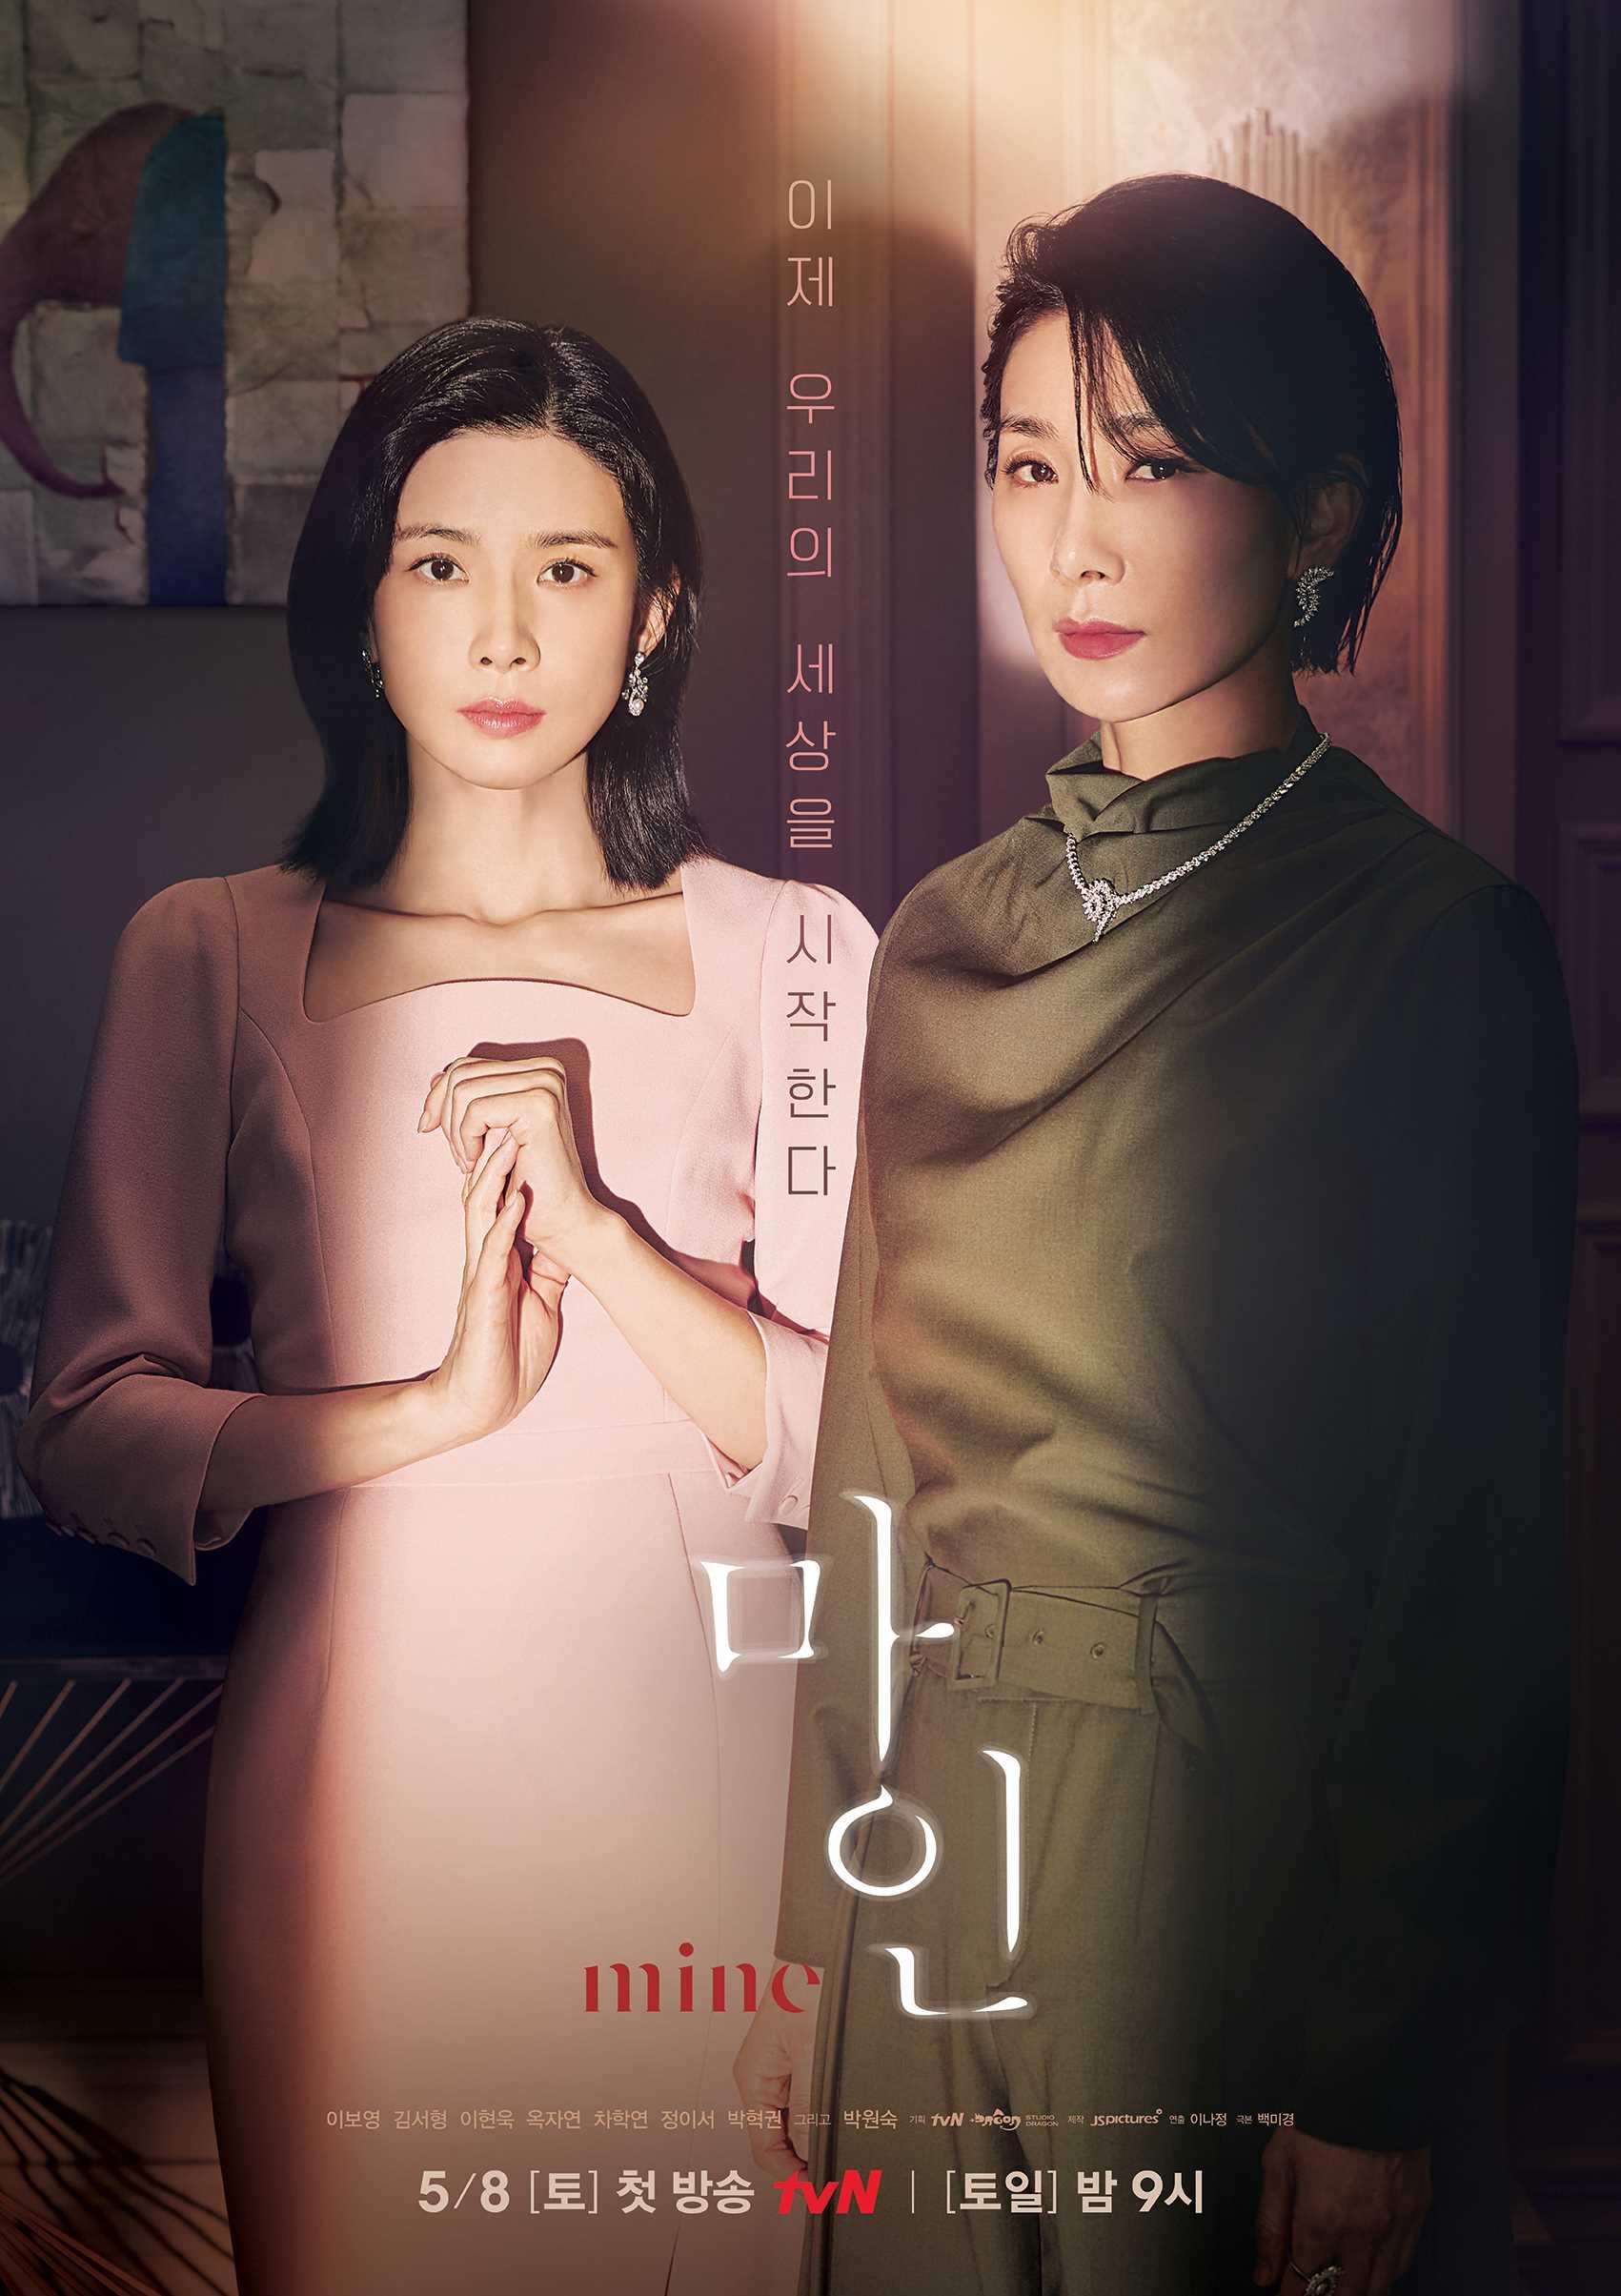 韓国ドラマ「mine」視聴率